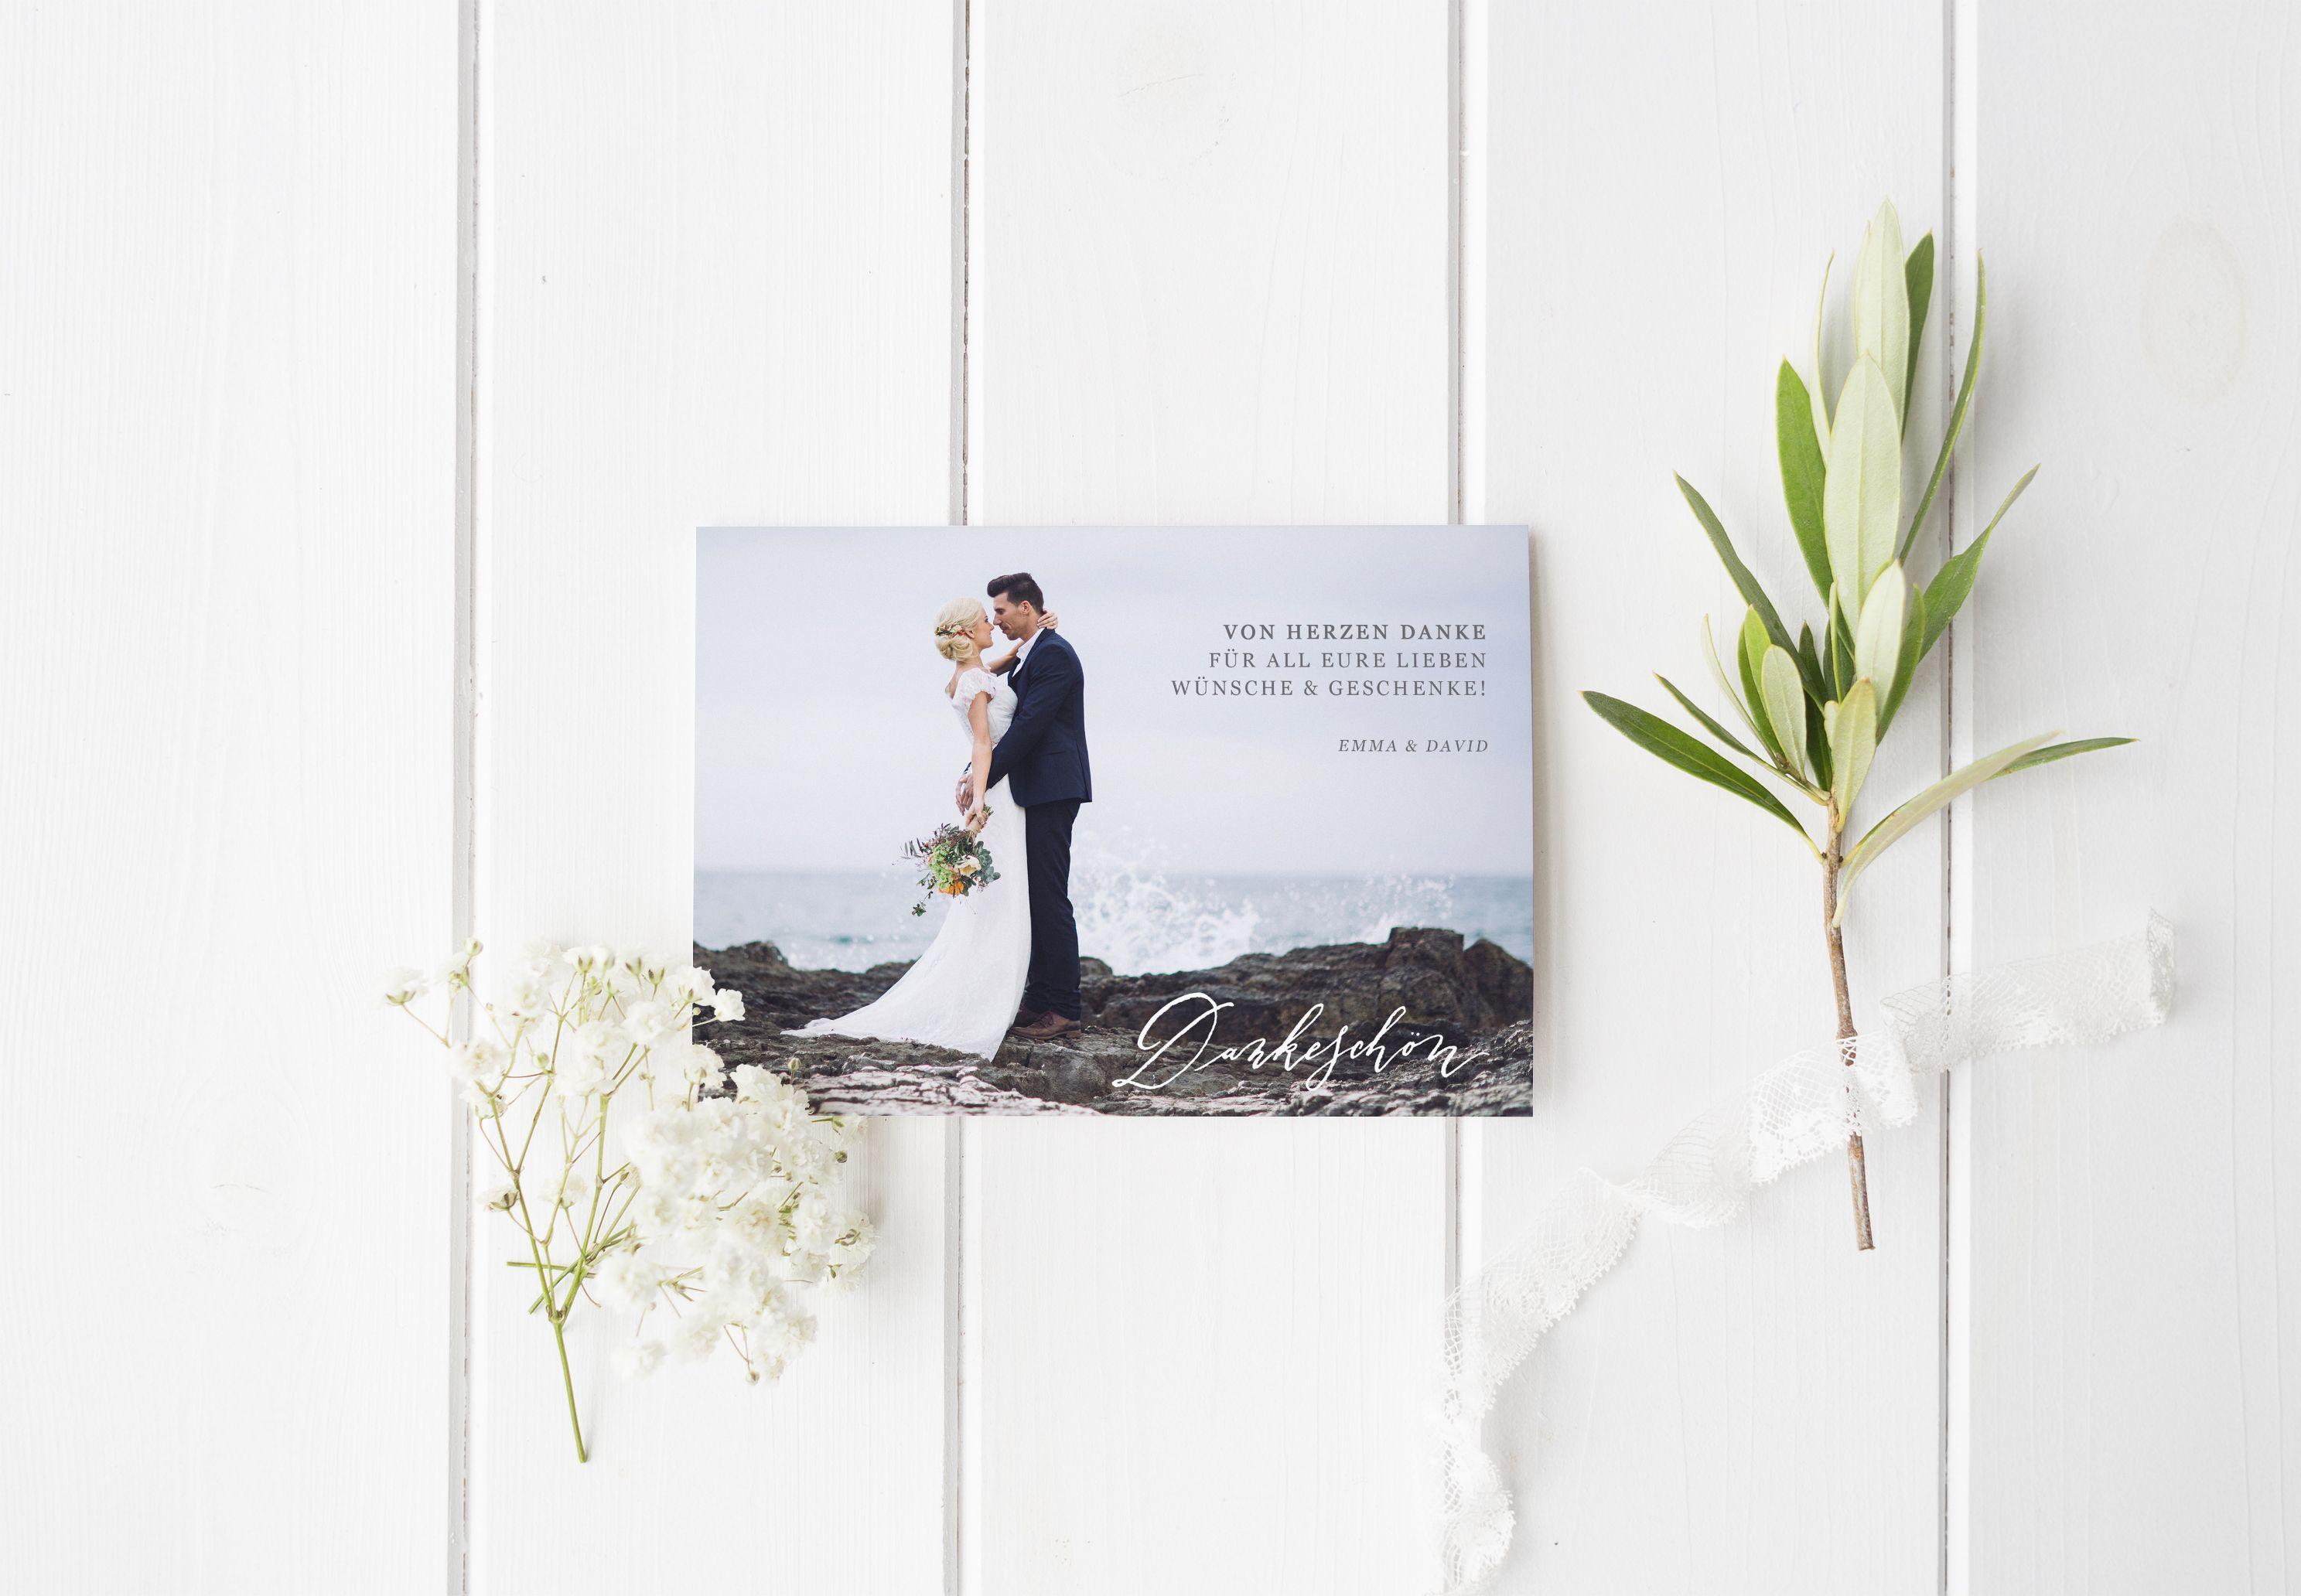 DIY Kalligrafie Dankeskarte Vorlage für Hochzeit I Elegance